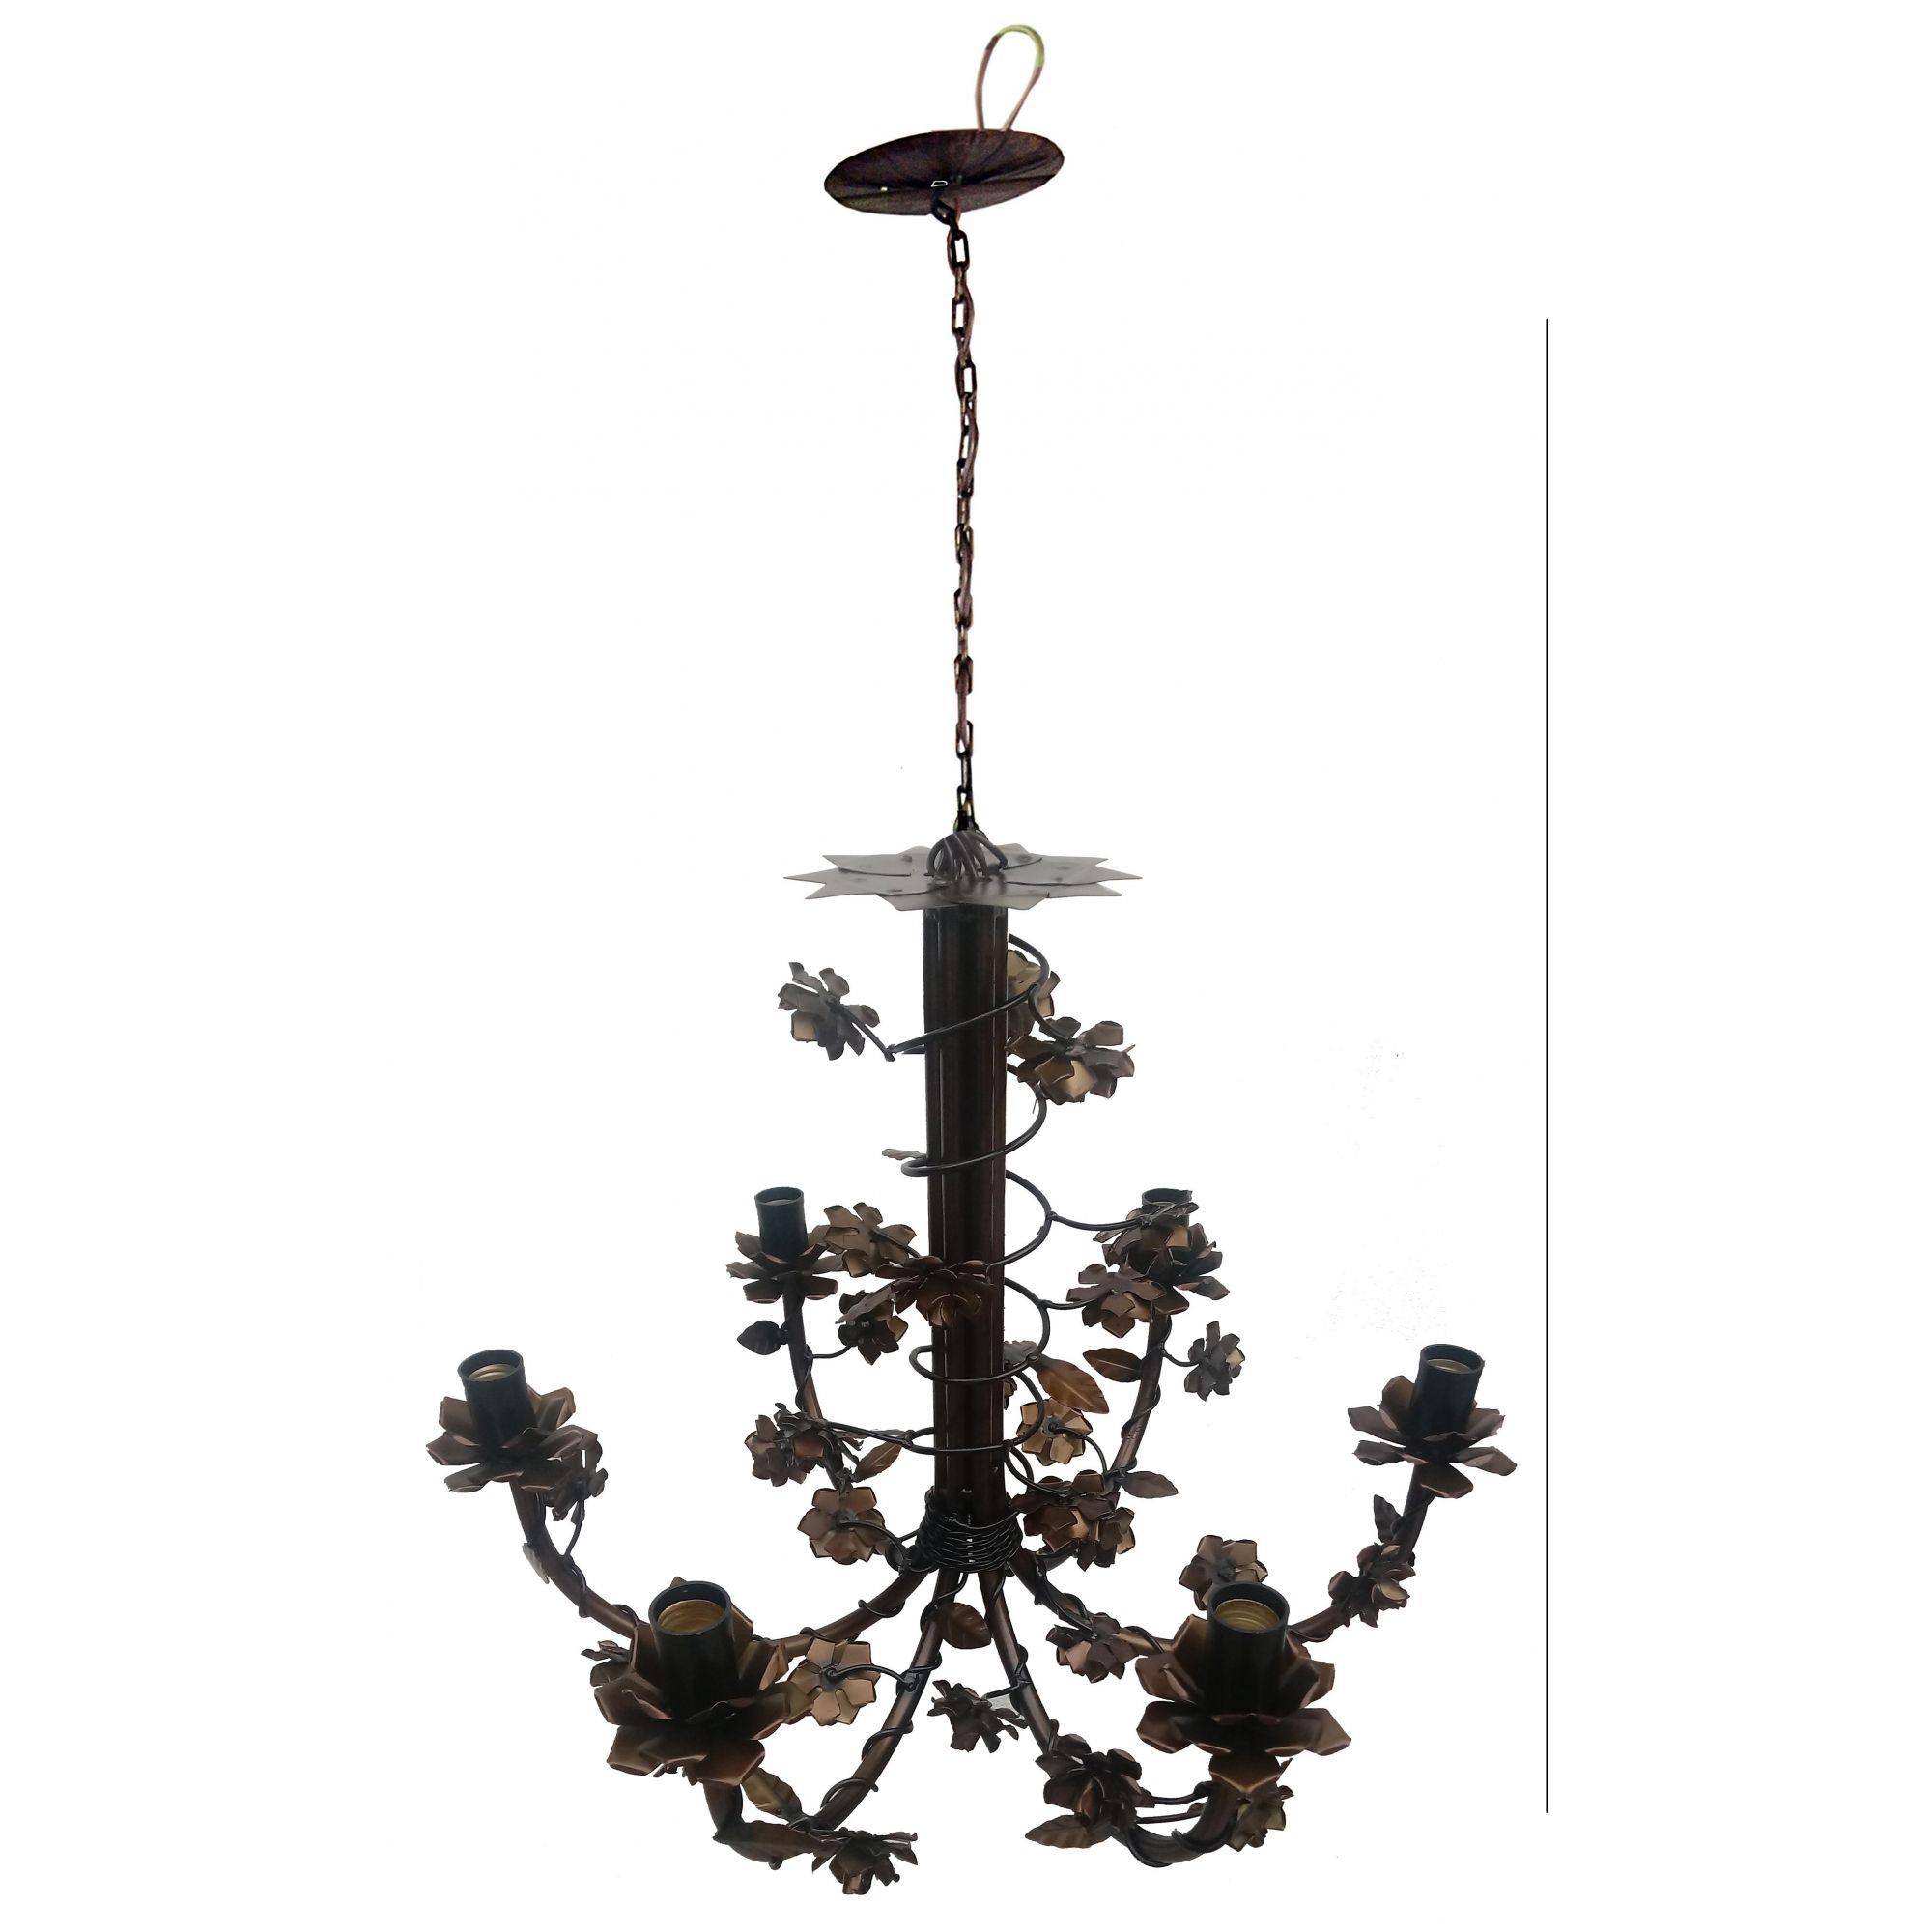 Lustre para Sala Iluminação Interna Artesanal Mineira Colorida Melhor Preço